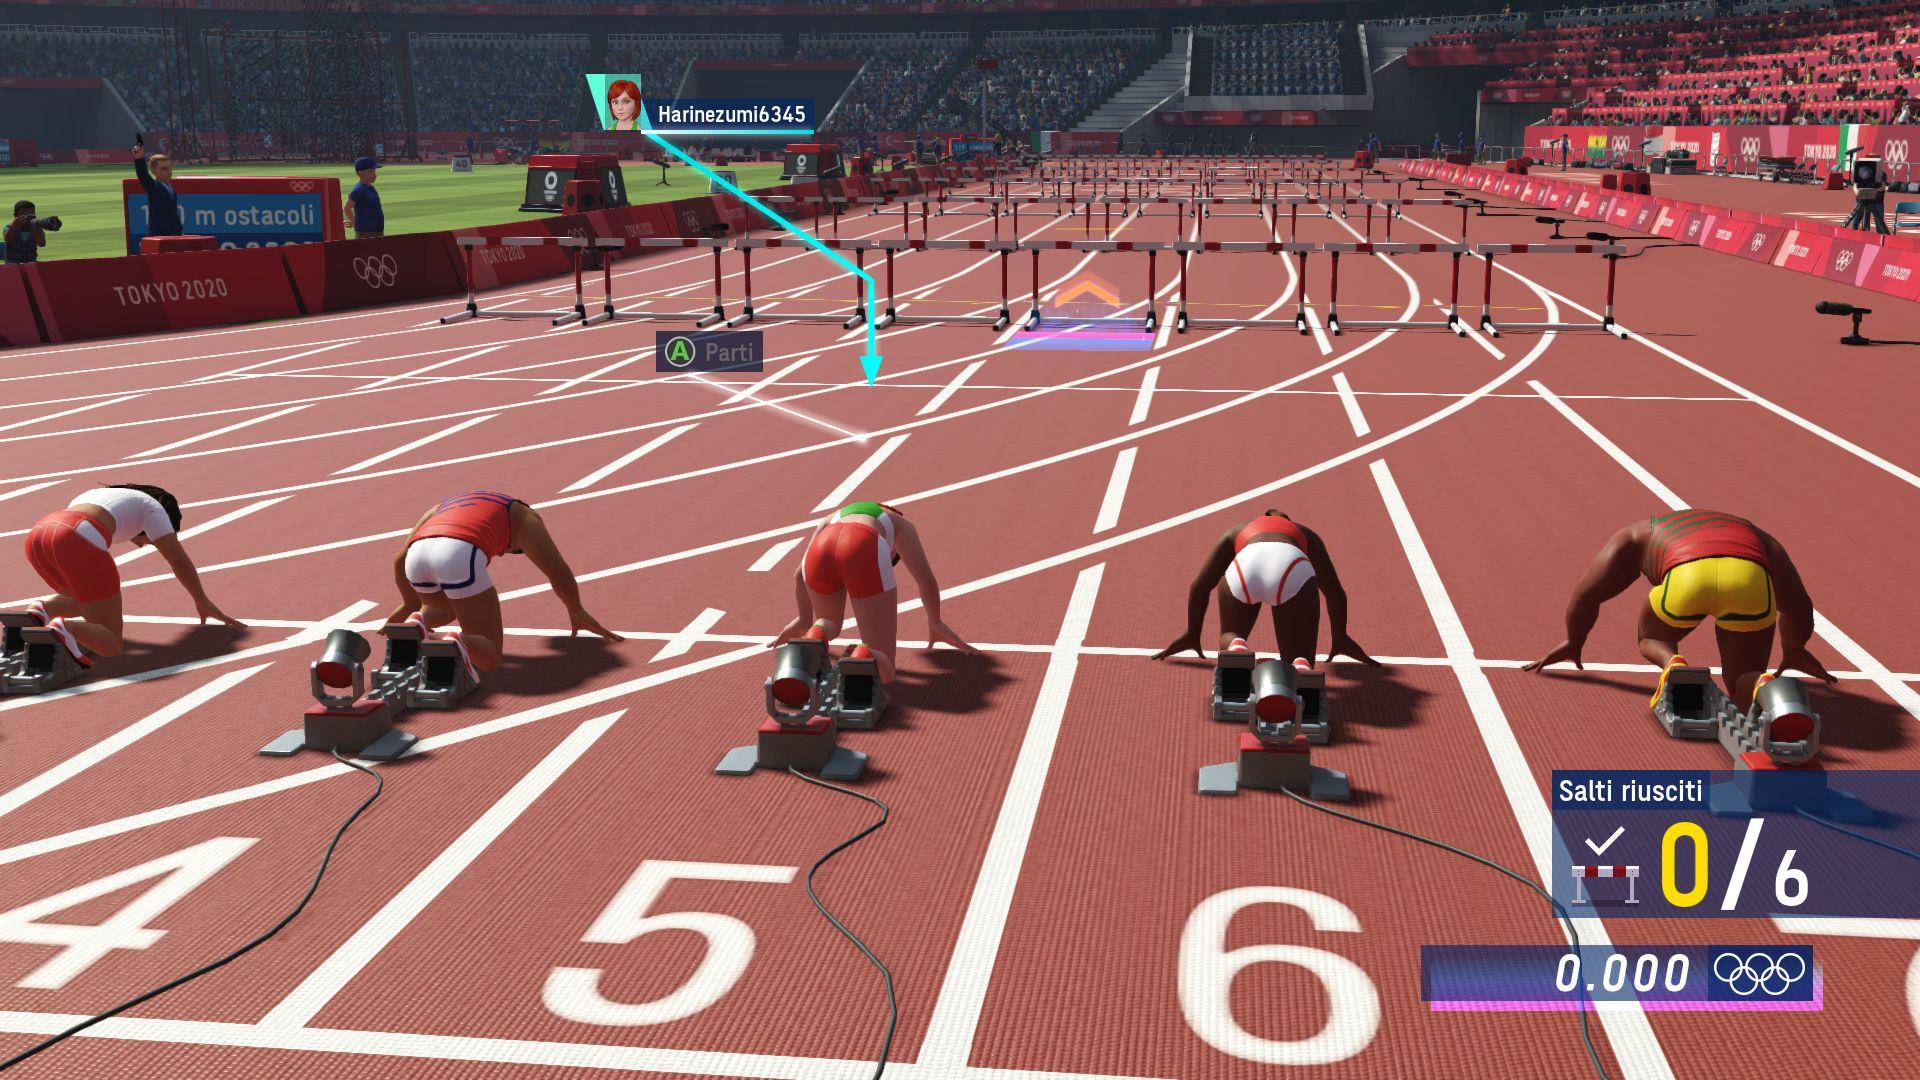 Giochi Olimpici di Tokyo 2020: Il Videogioco Ufficiale - Recensione